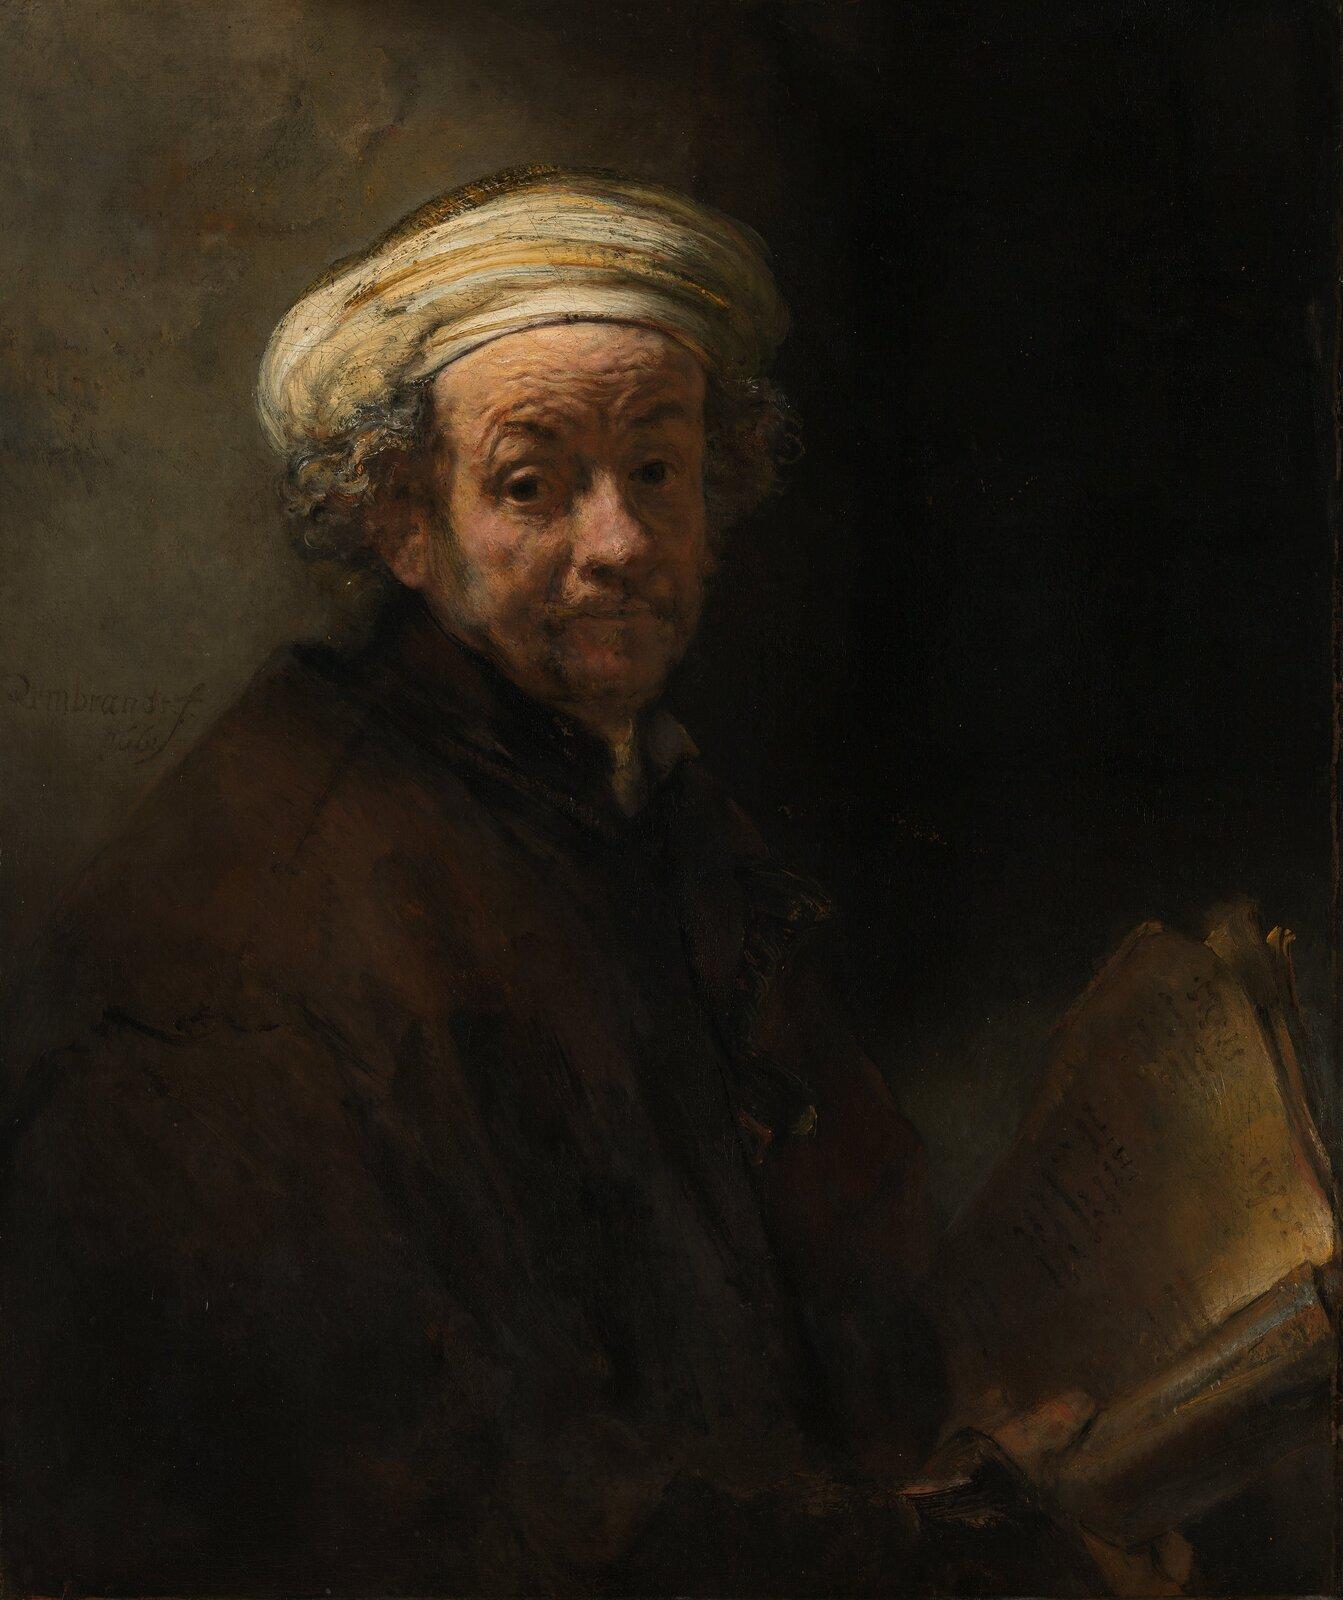 """Ilustracja przedstawia obraz Rembrandta van Rijna """"Autoportret jako Paweł Apostoł"""". Na ciemnym tle znajduje się malarz ukazany jako starszy mężczyzna. Ustawiony jest bokiem, ale głowę ma odwróconą centralnie ipatrzy wstronę widza. Ma na sobie brązowy strój. Na głowie założoną ma zawiniętą białą chustę, spod której wystają kręcone włosy. Broda pokryta jest zarostem. Wprawym ręku trzyma otwartą księgę. Tło obrazu utrzymane jest wszaro-brązowych barwach, jaśniejsze zlewej strony."""